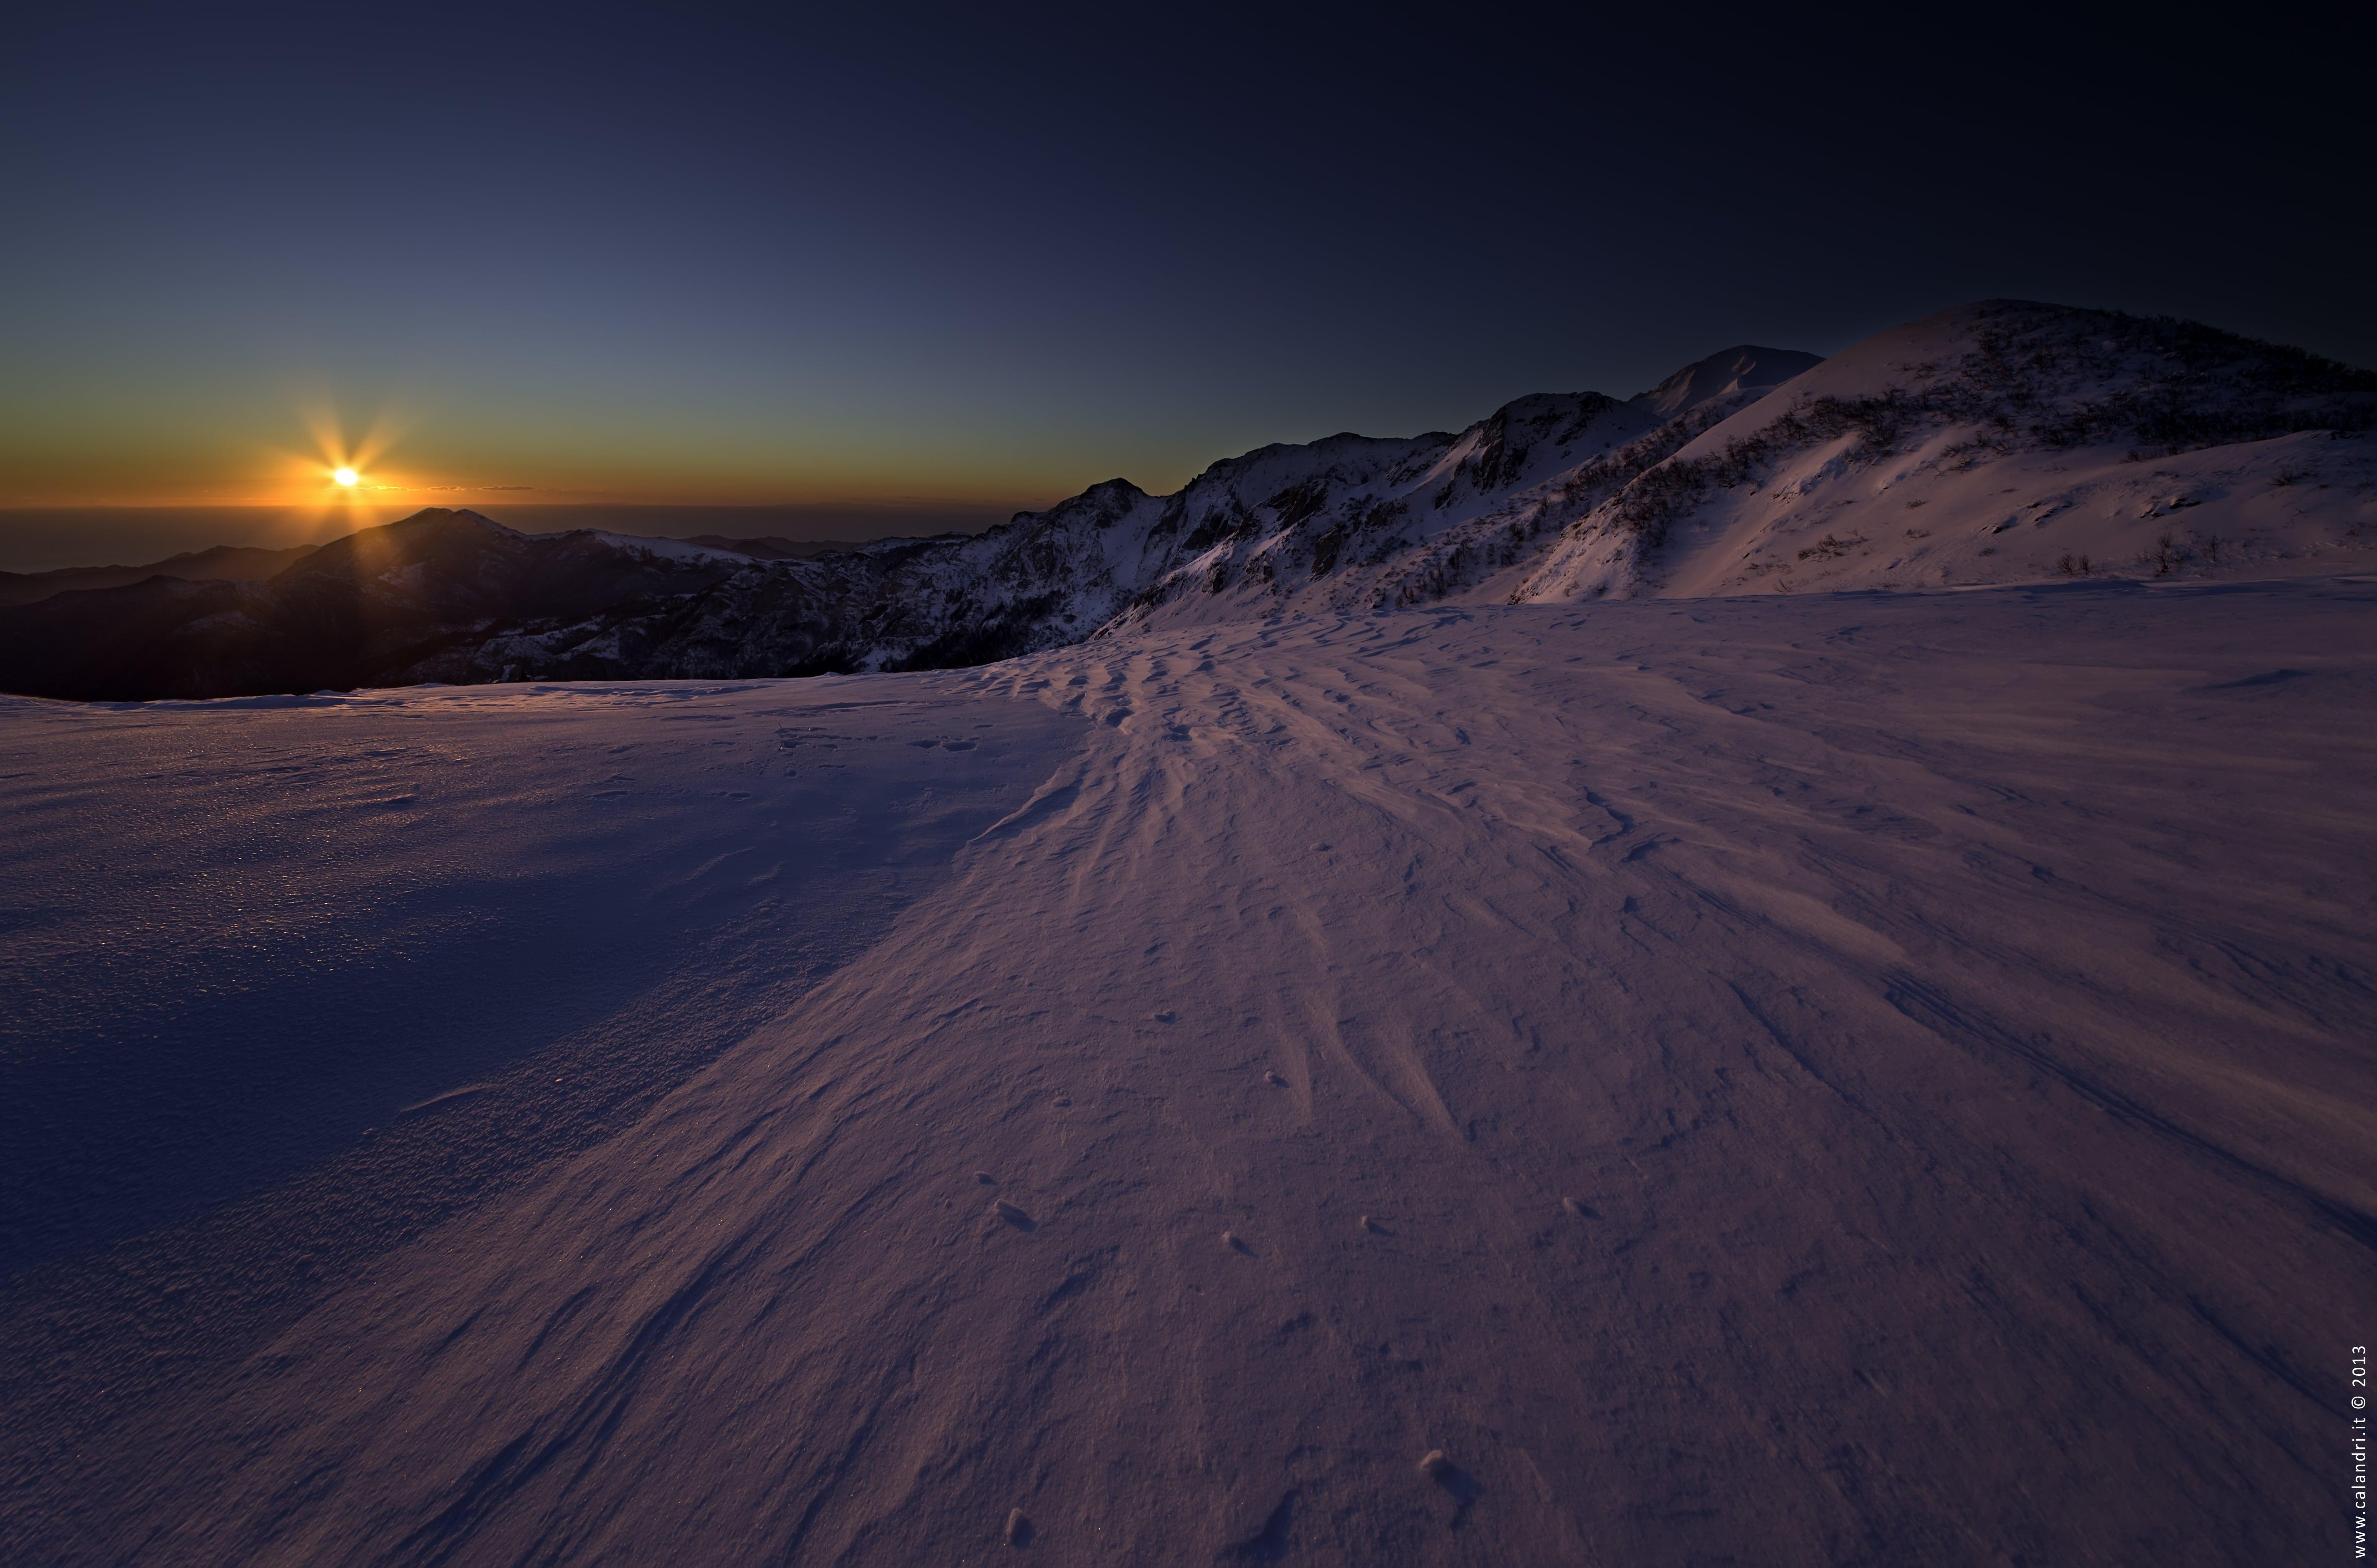 Dal prossimo marzo l'offerta sciistica di Garessio 2000 si arricchisce di una storica pista che ha visto cimentarsi, nel passato, giovani campioni tra le porte dello Slalom Speciale e dello…